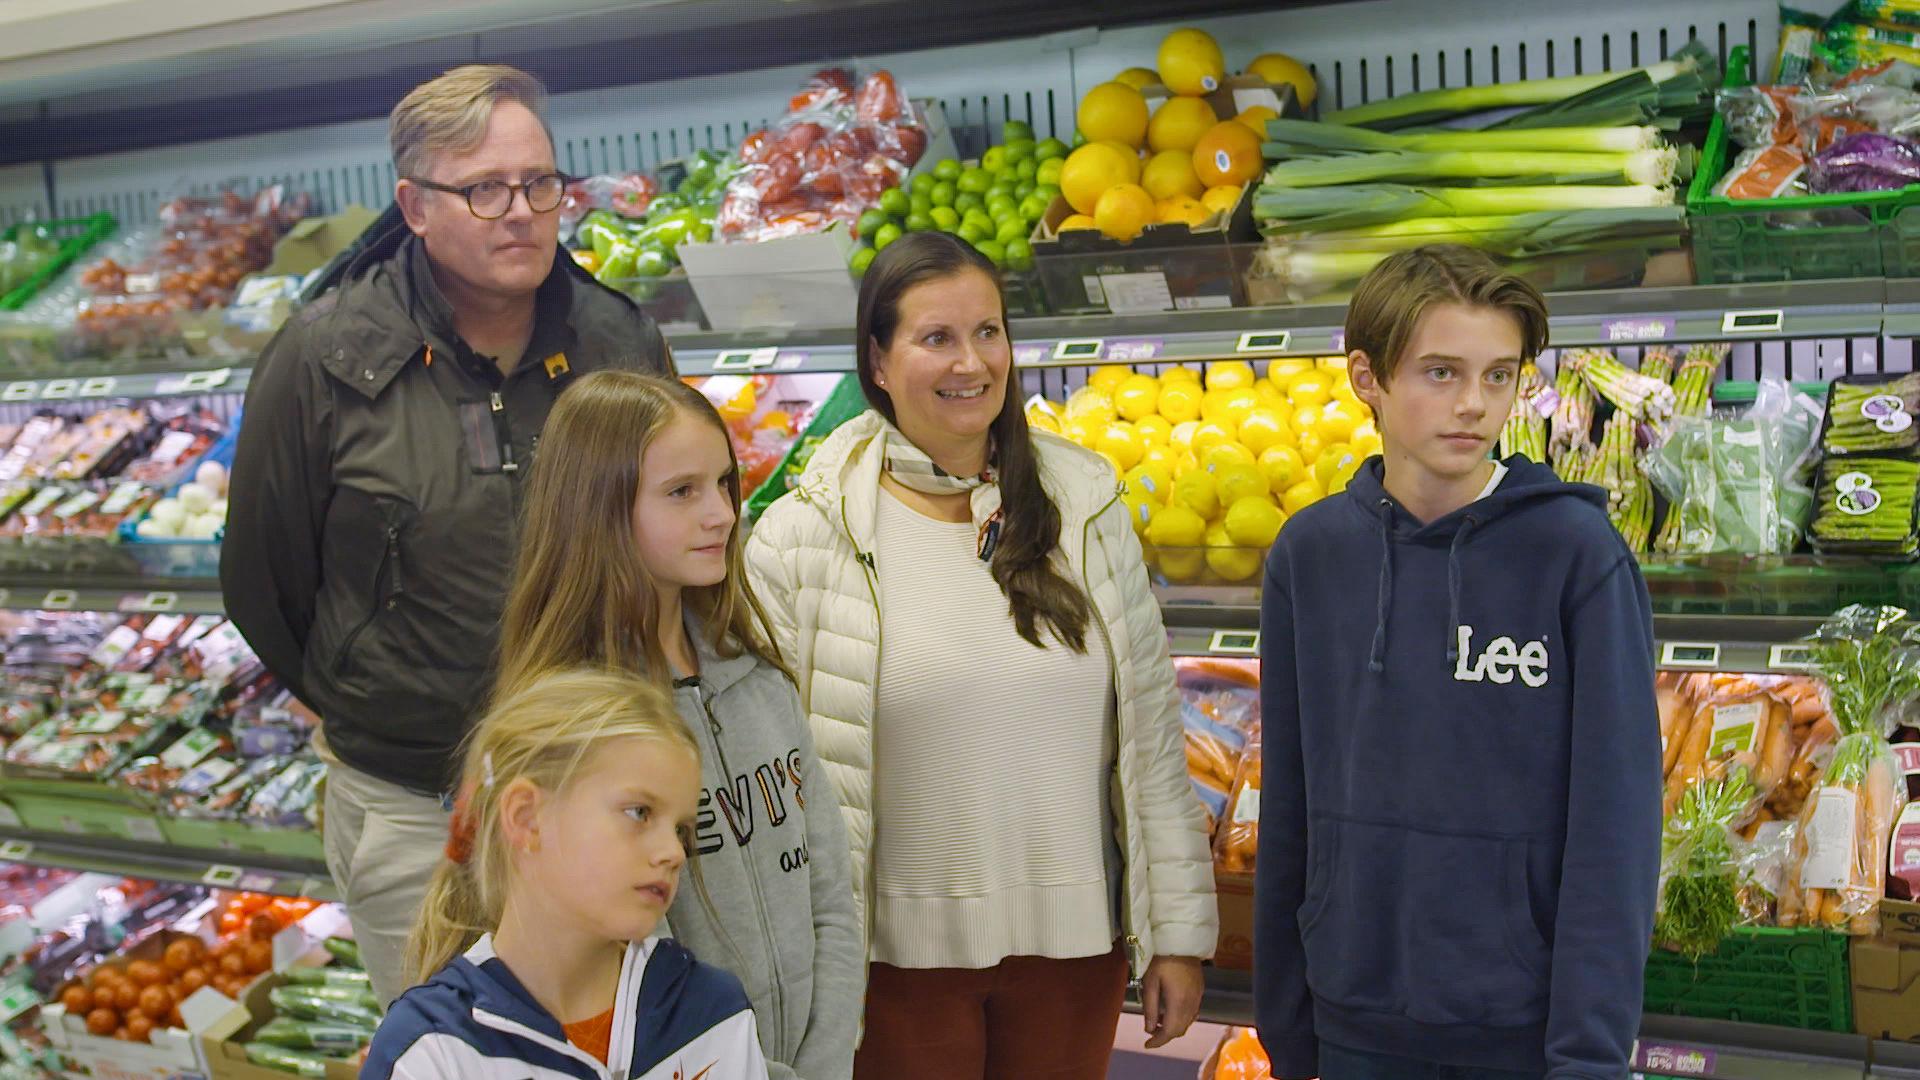 Familien Gørlitz-Håkonsen er en ganske gjennomsnittlig familie når det gjelder matsvinn, og flere kan nok kjenne seg igjen i deres utfordringer.